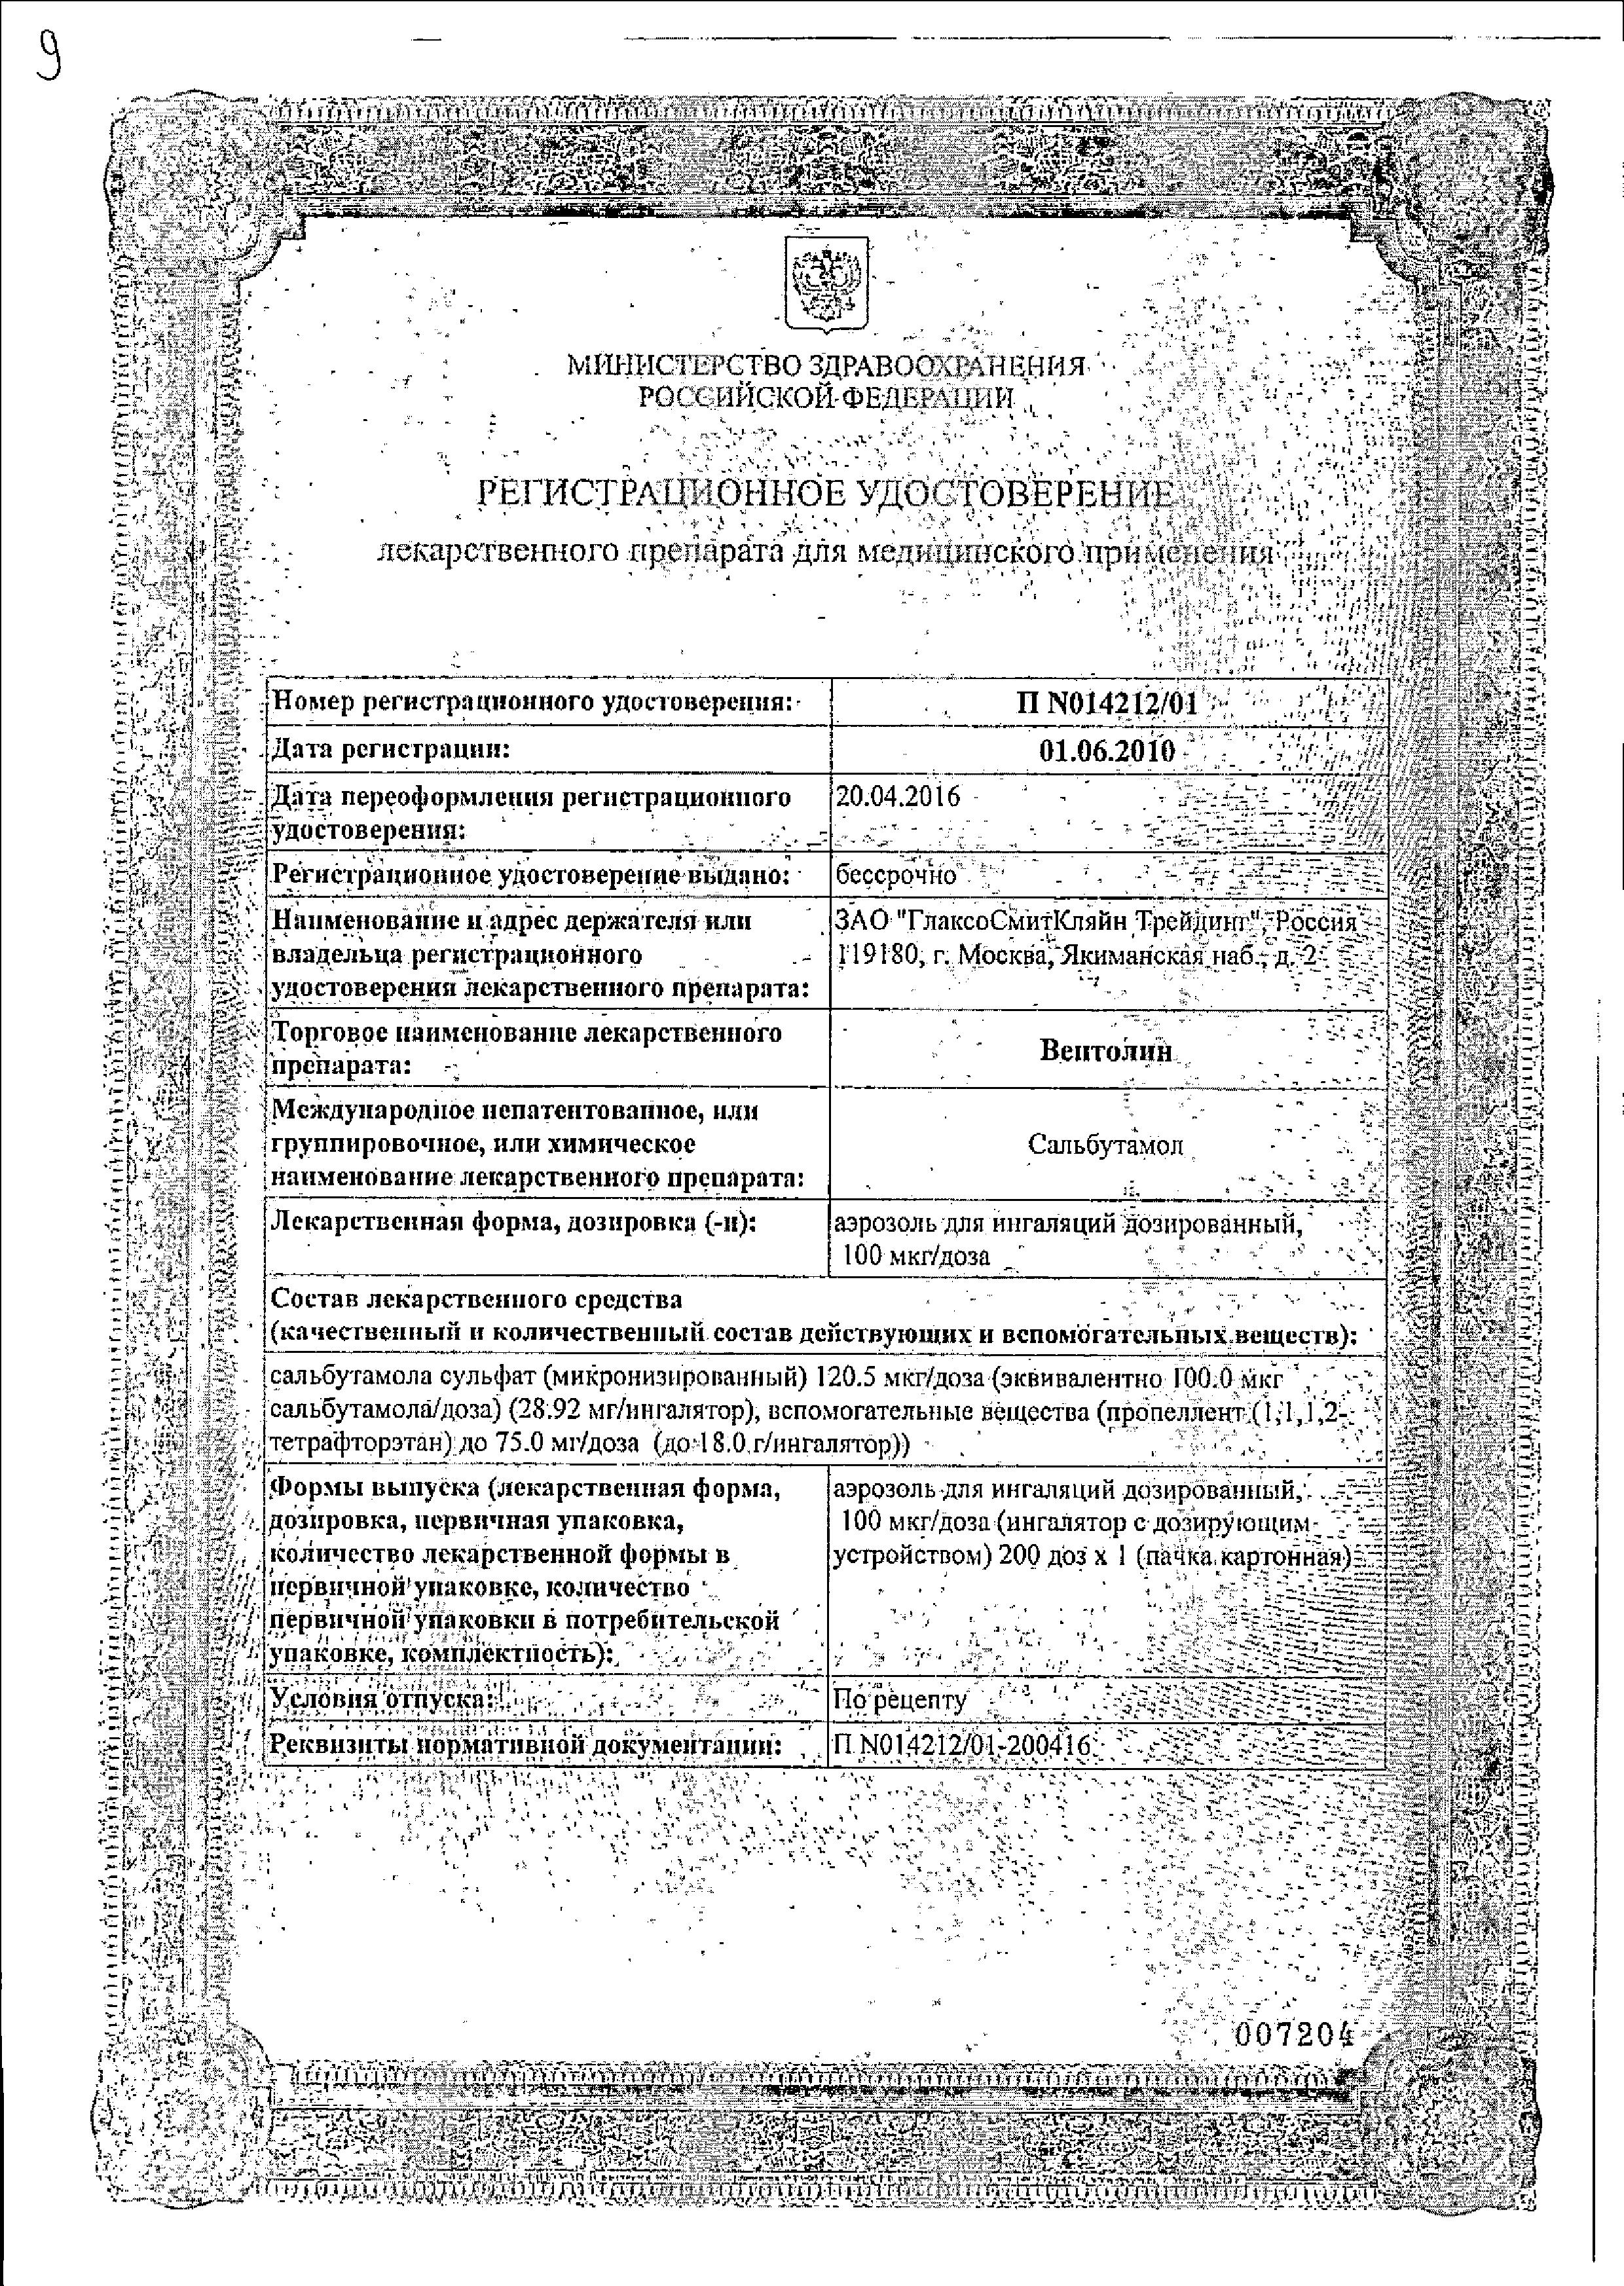 Вентолин сертификат